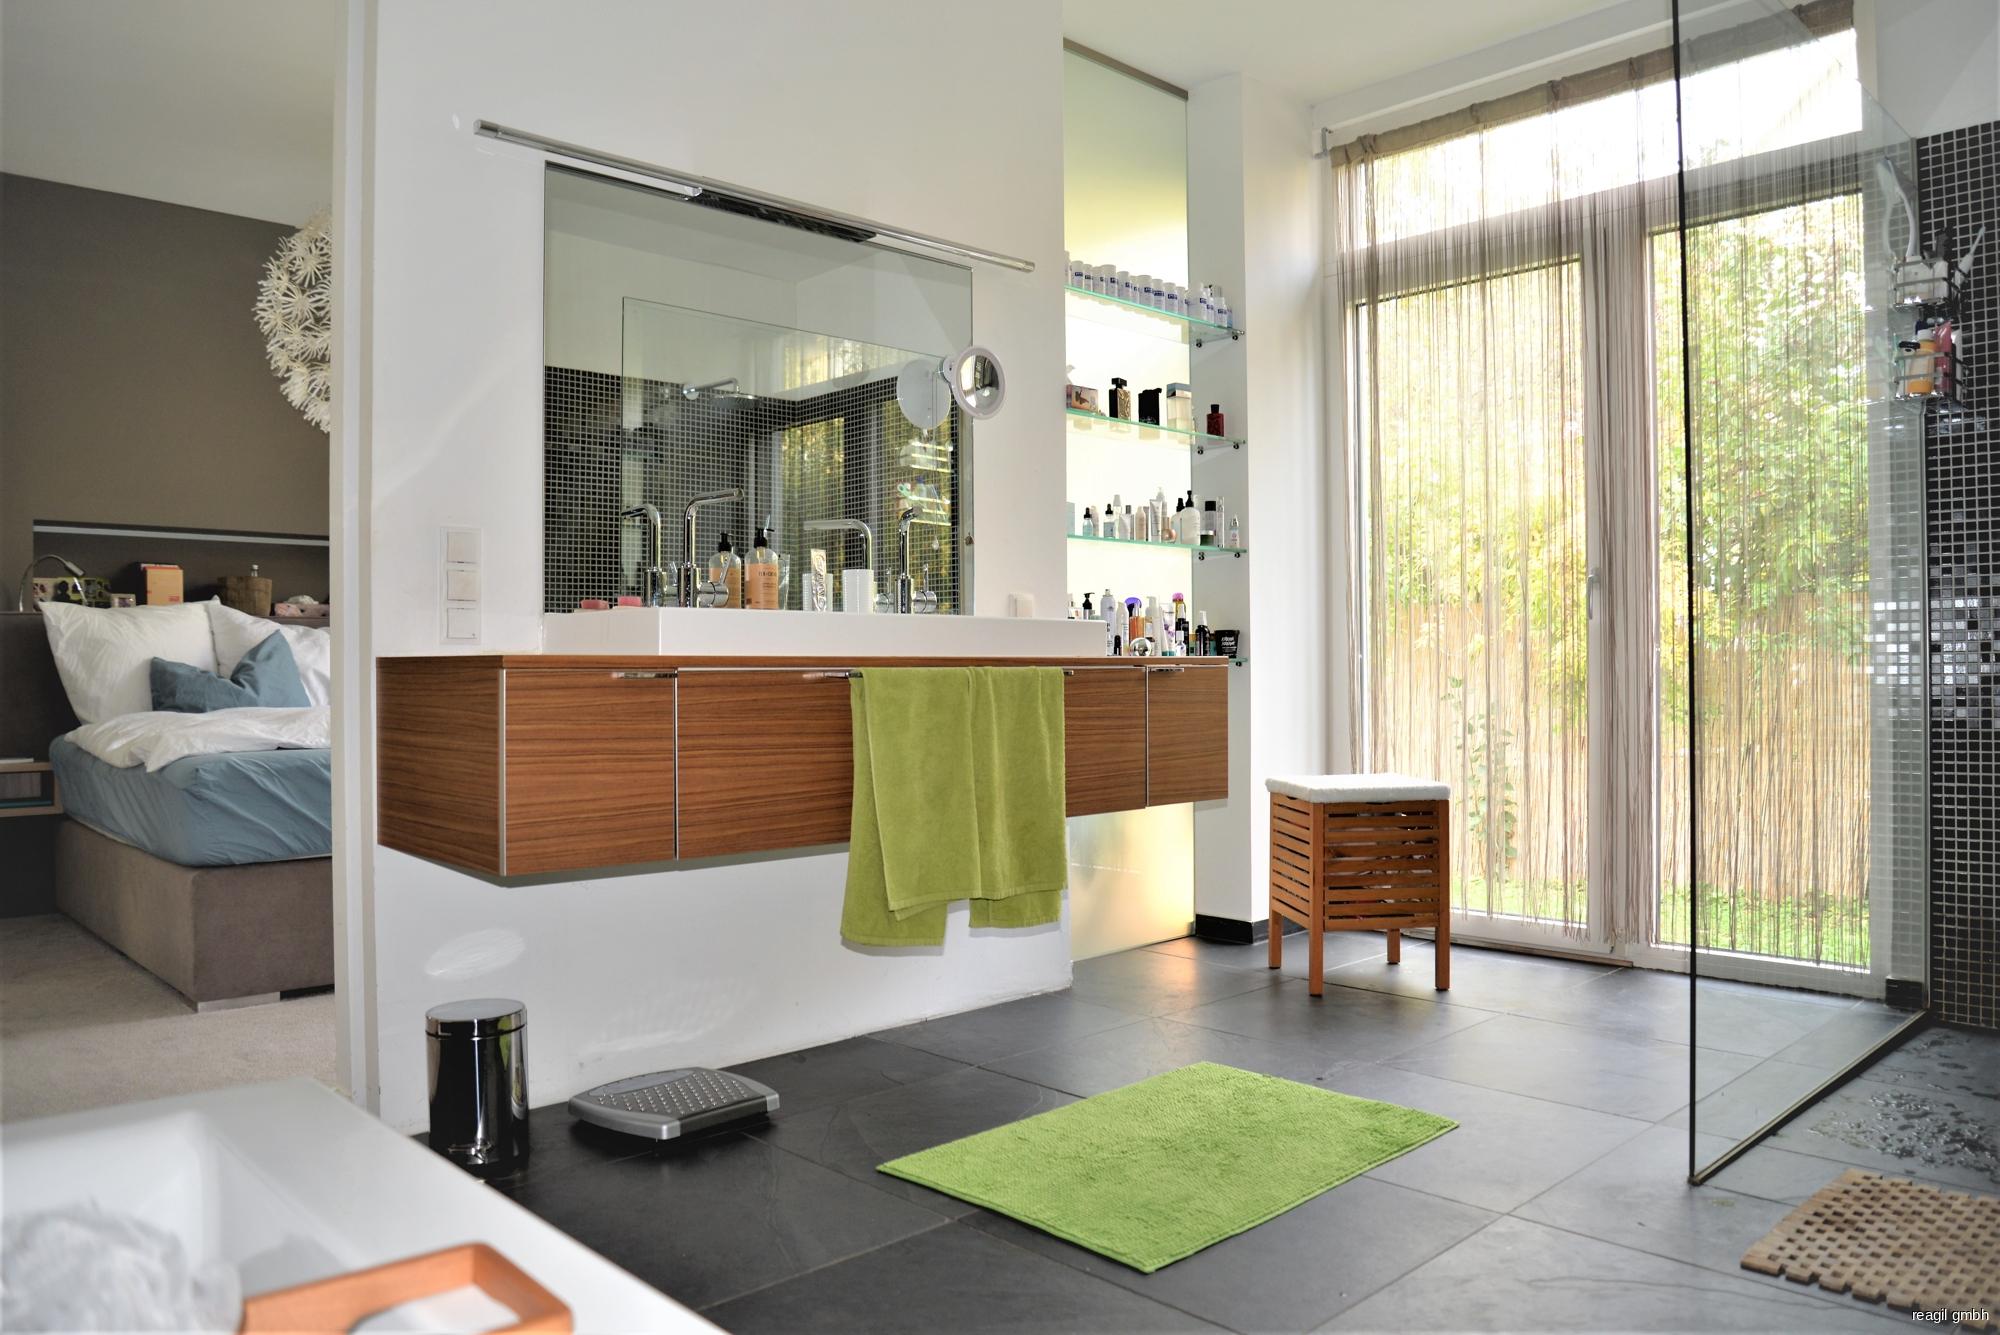 Badezimmer mit Schlafzimmer u. Garderobe EG